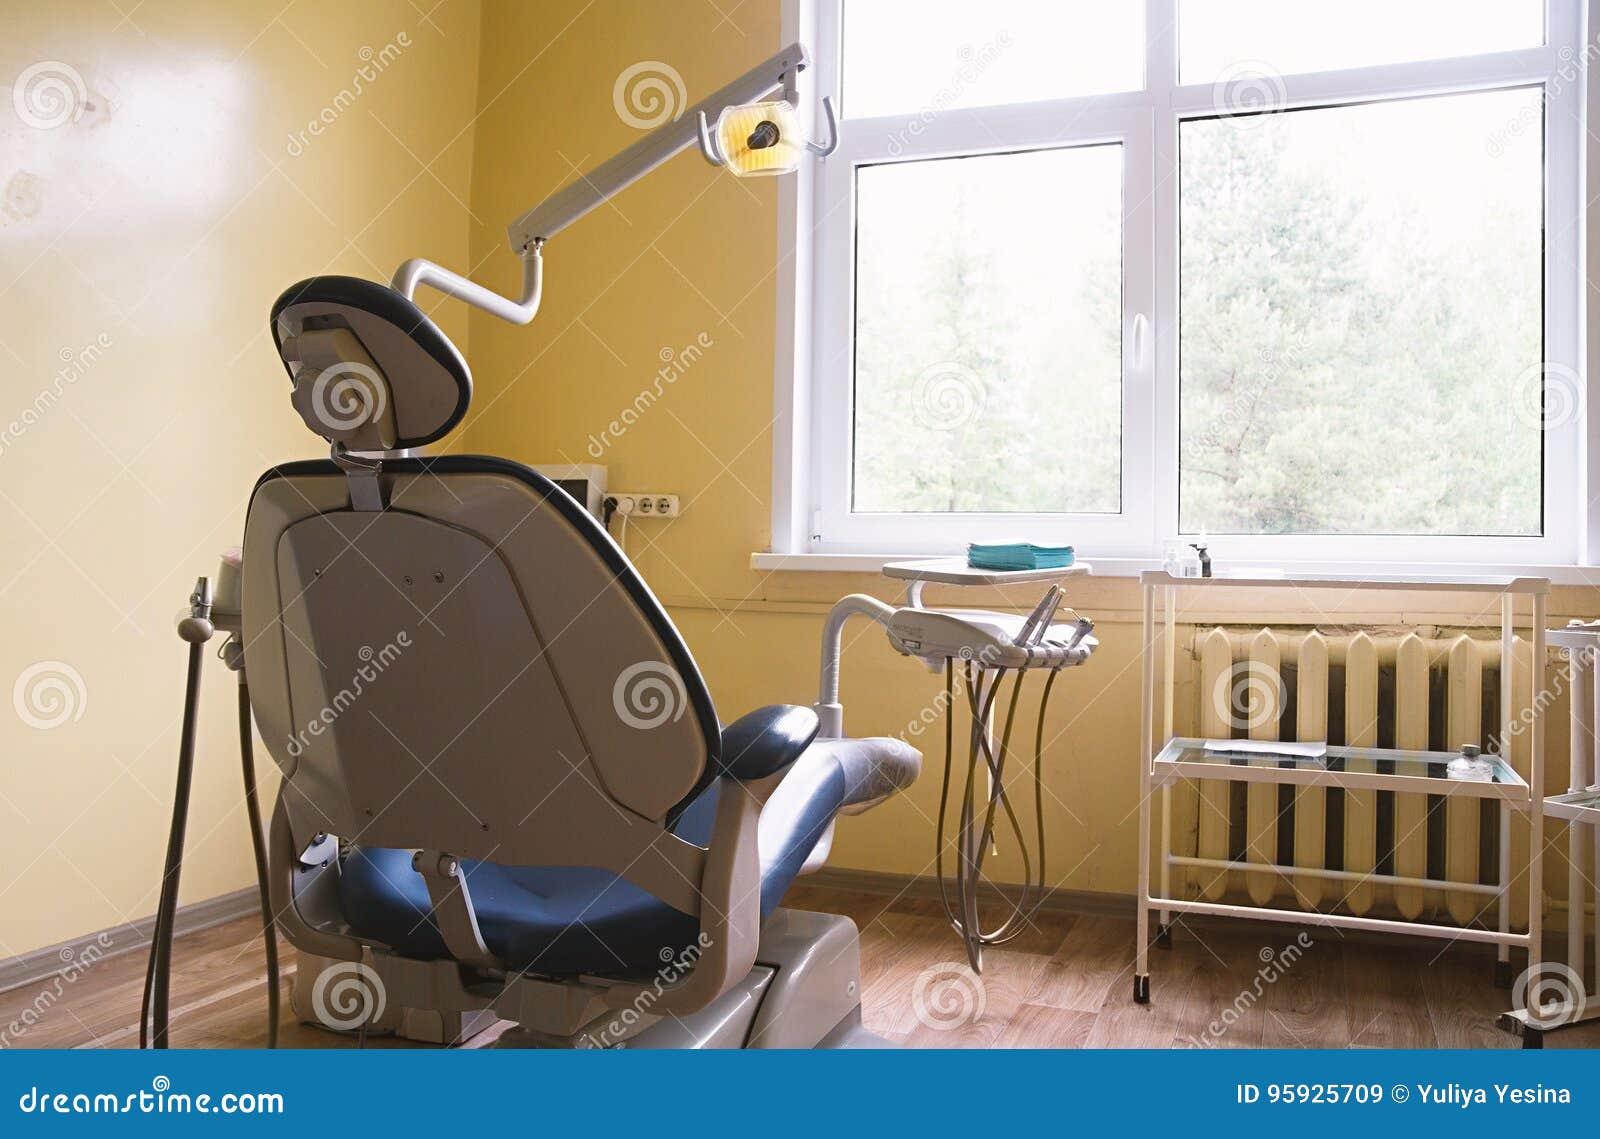 Chaise Du S De Dentiste Dans Un Cabinet Mdical